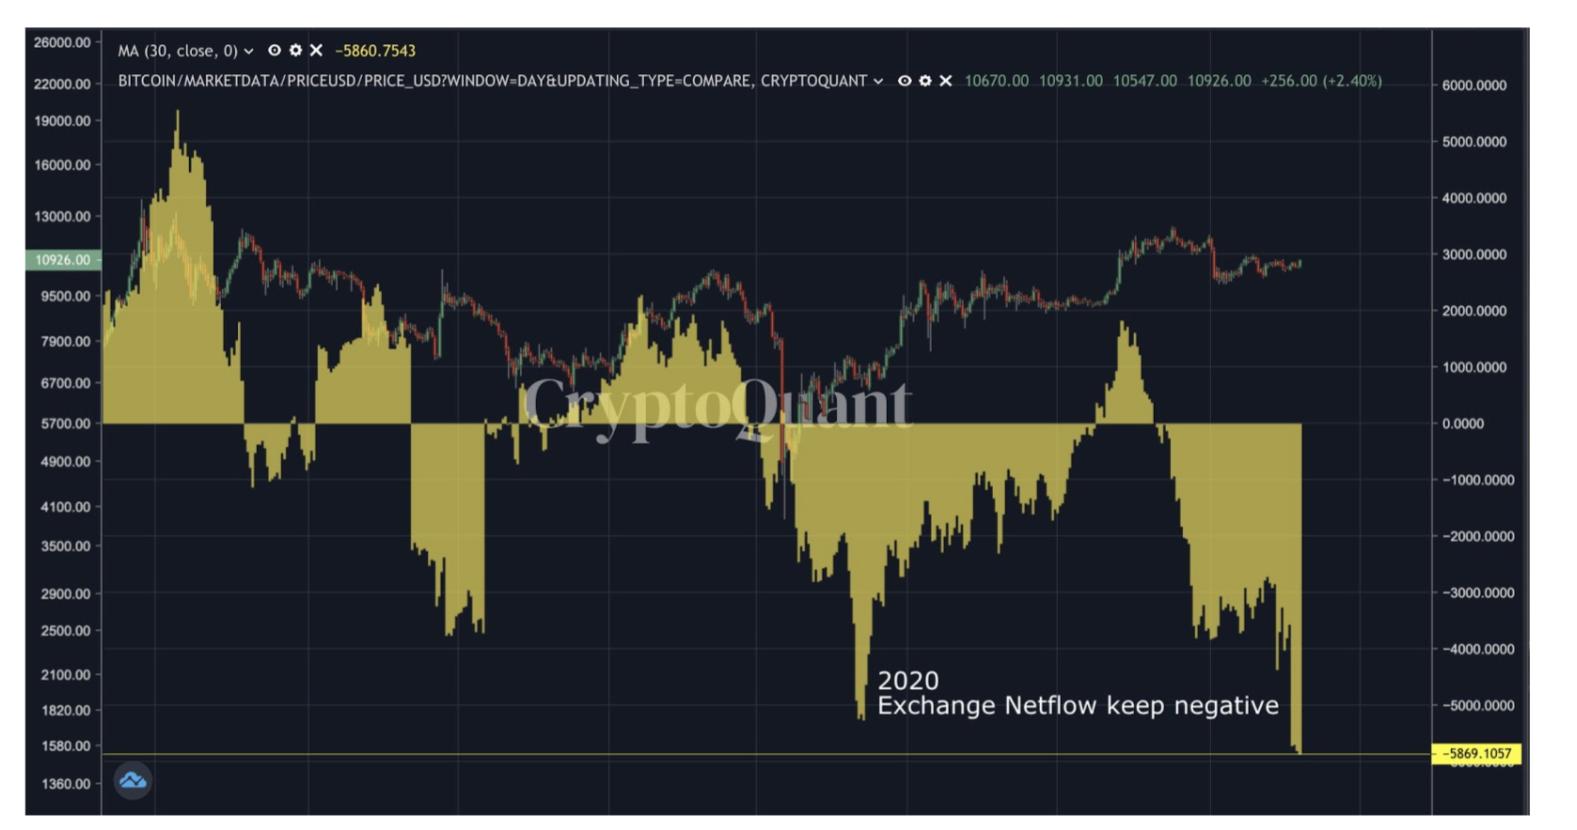 Bullish trend reversal underway as Bitcoin price holds above $11,000